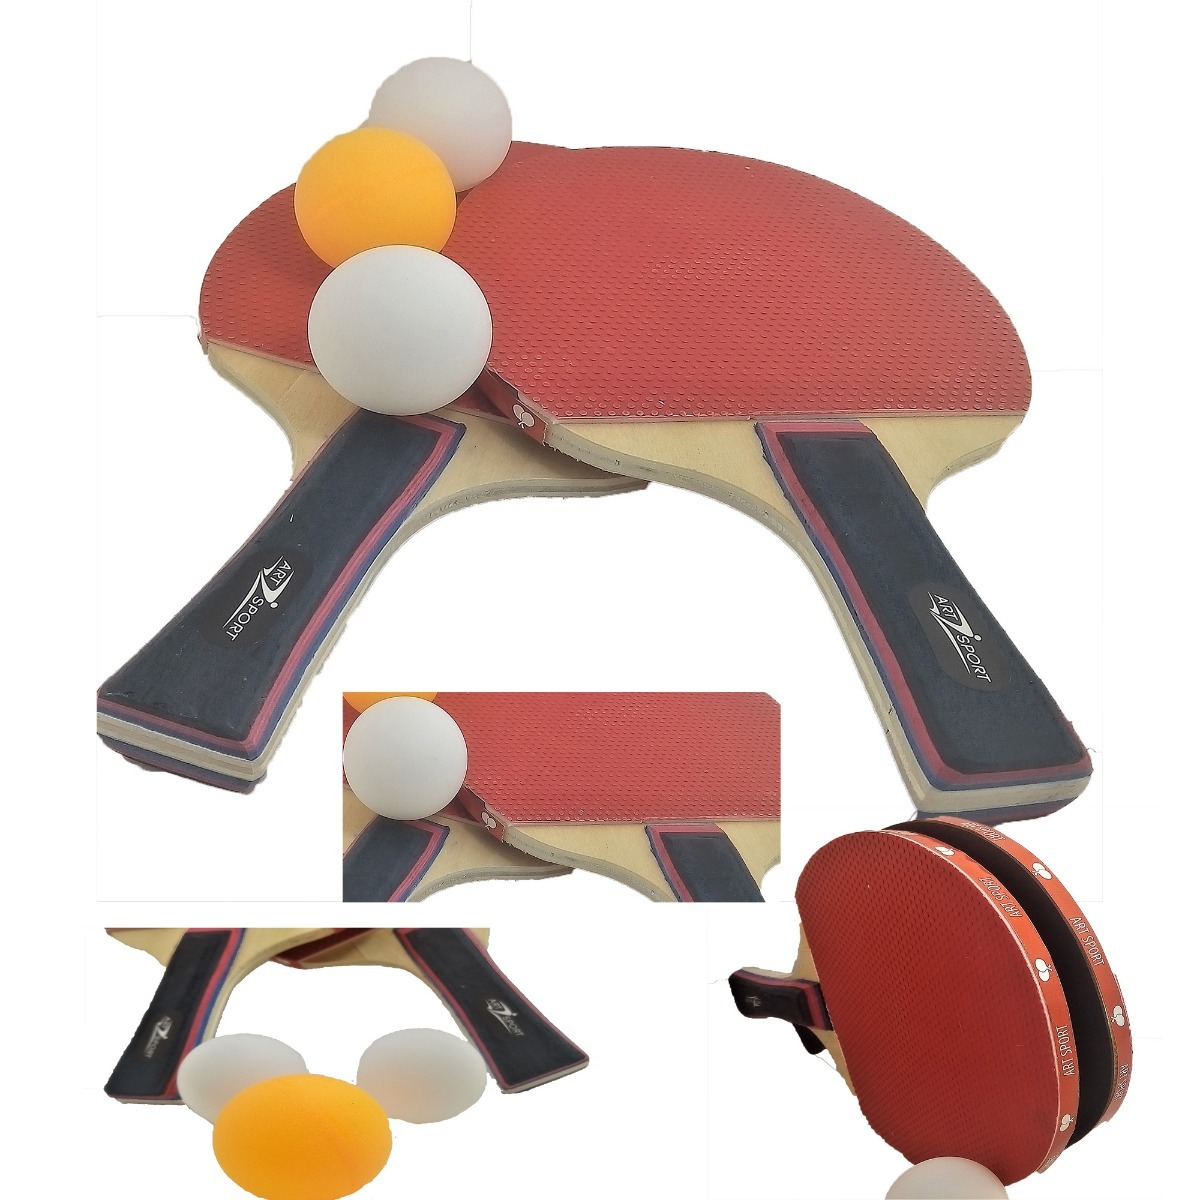 29815ad5a ping pong kit 2 raquetes tenis mesa 3 bolinhas amador. Carregando zoom.